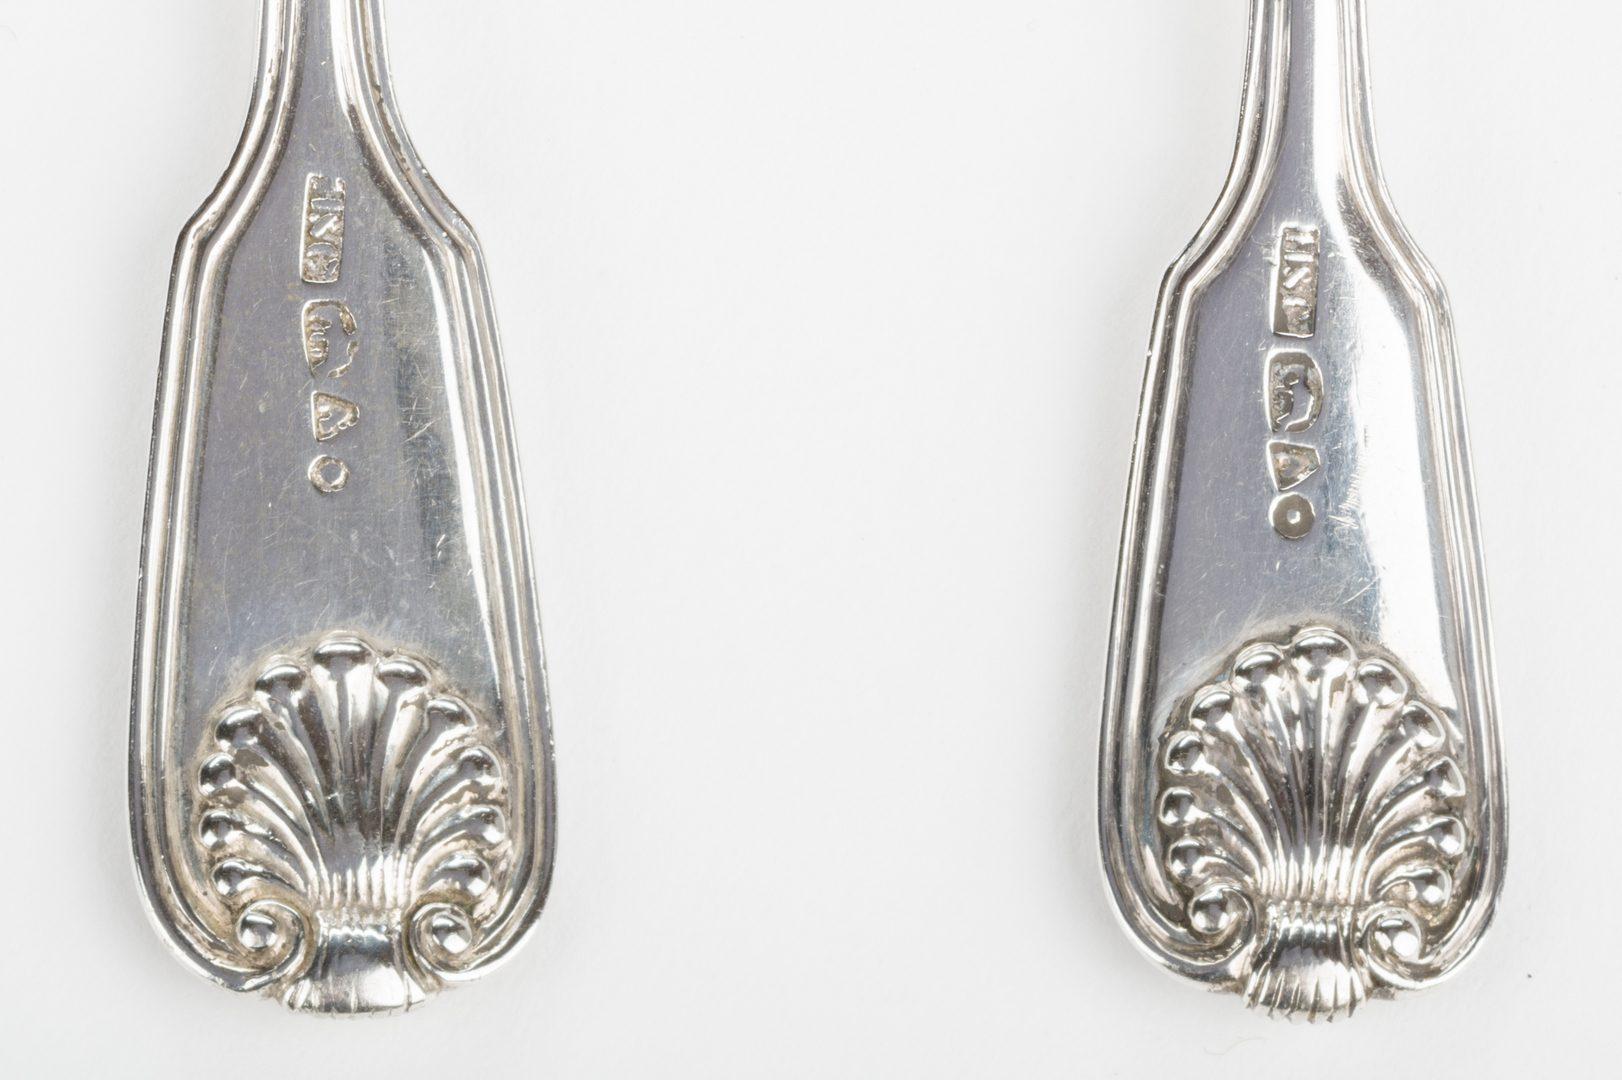 Lot 259: Asian Export Silver Flatware, 8 pcs